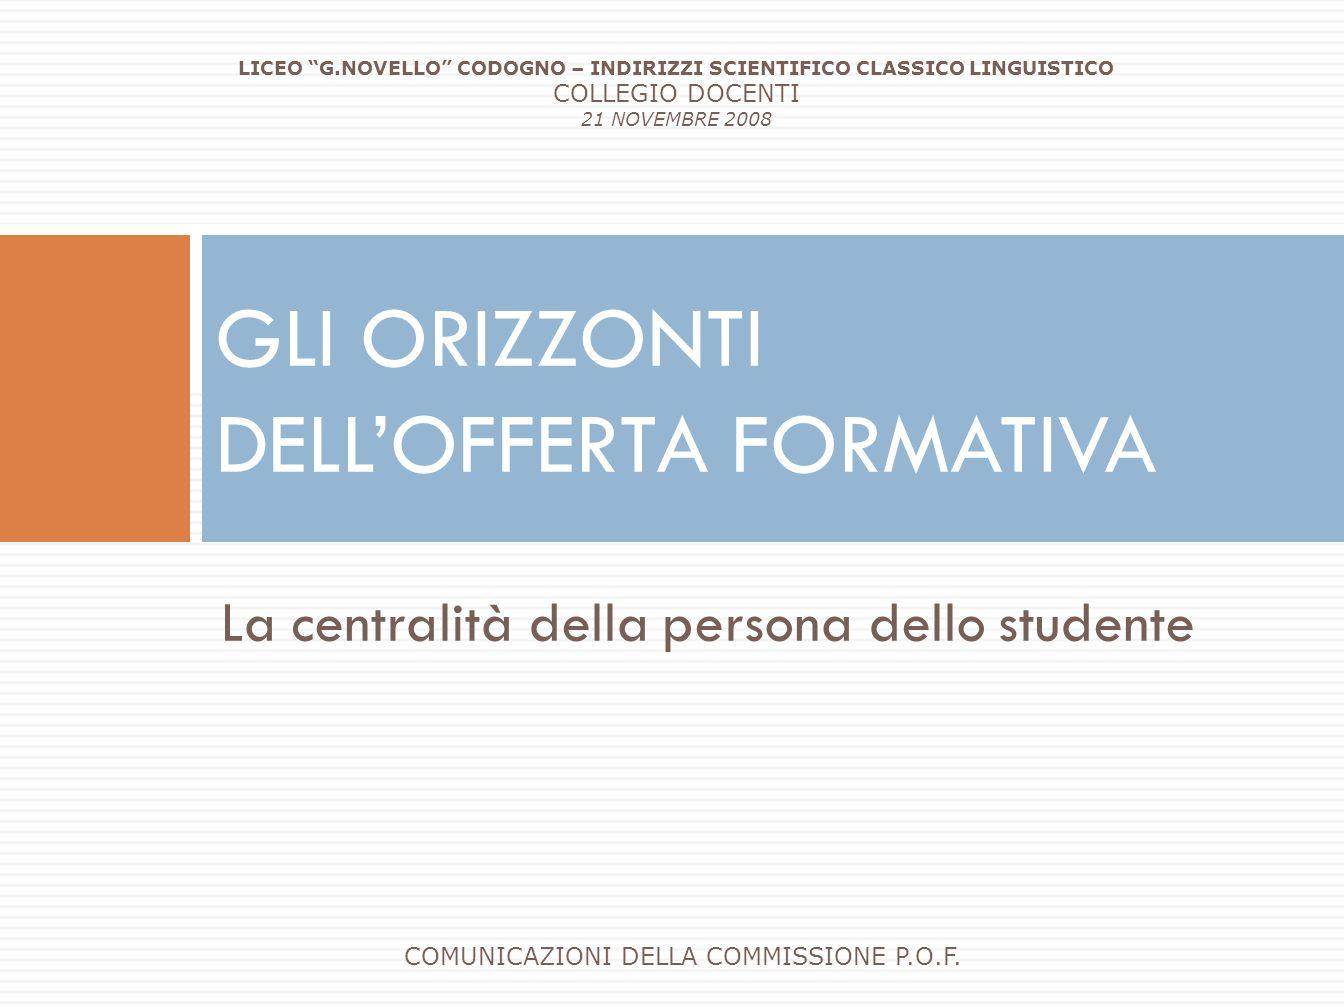 GLI ORIZZONTI DELL'OFFERTA FORMATIVA La centralità della persona dello studente COMUNICAZIONI DELLA COMMISSIONE P.O.F.